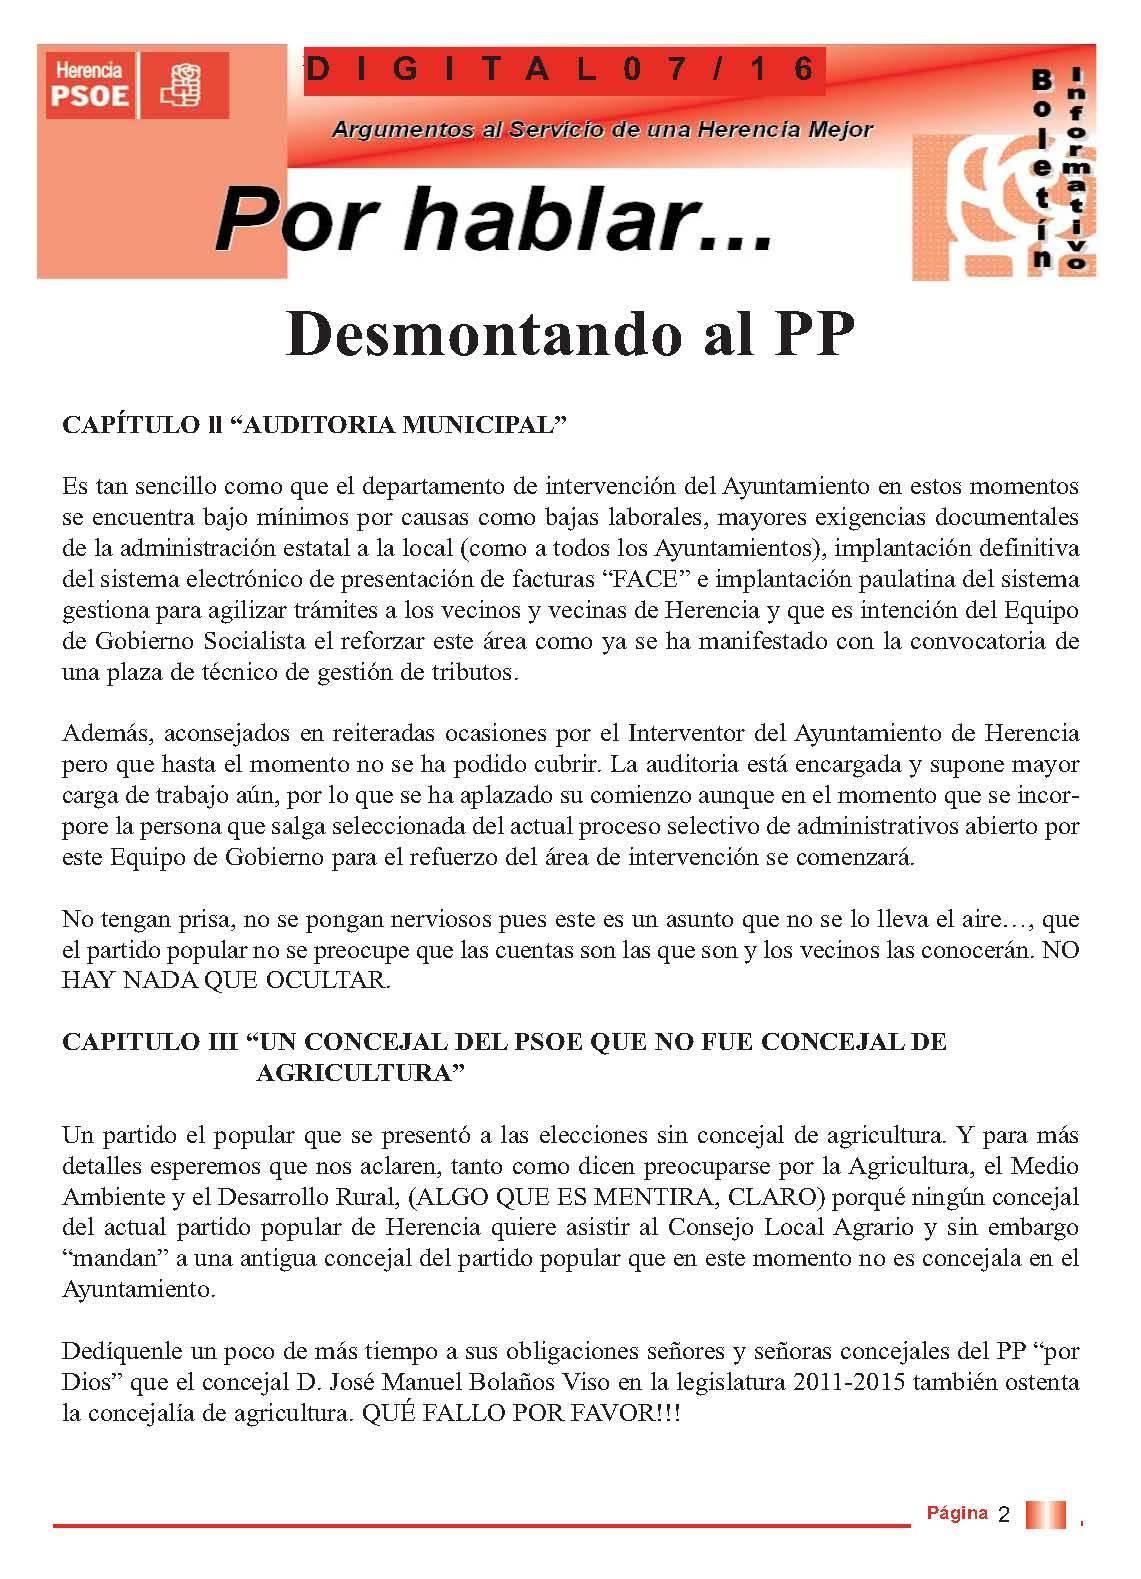 boletin informatico psoe herencia - desmontando al pp 2